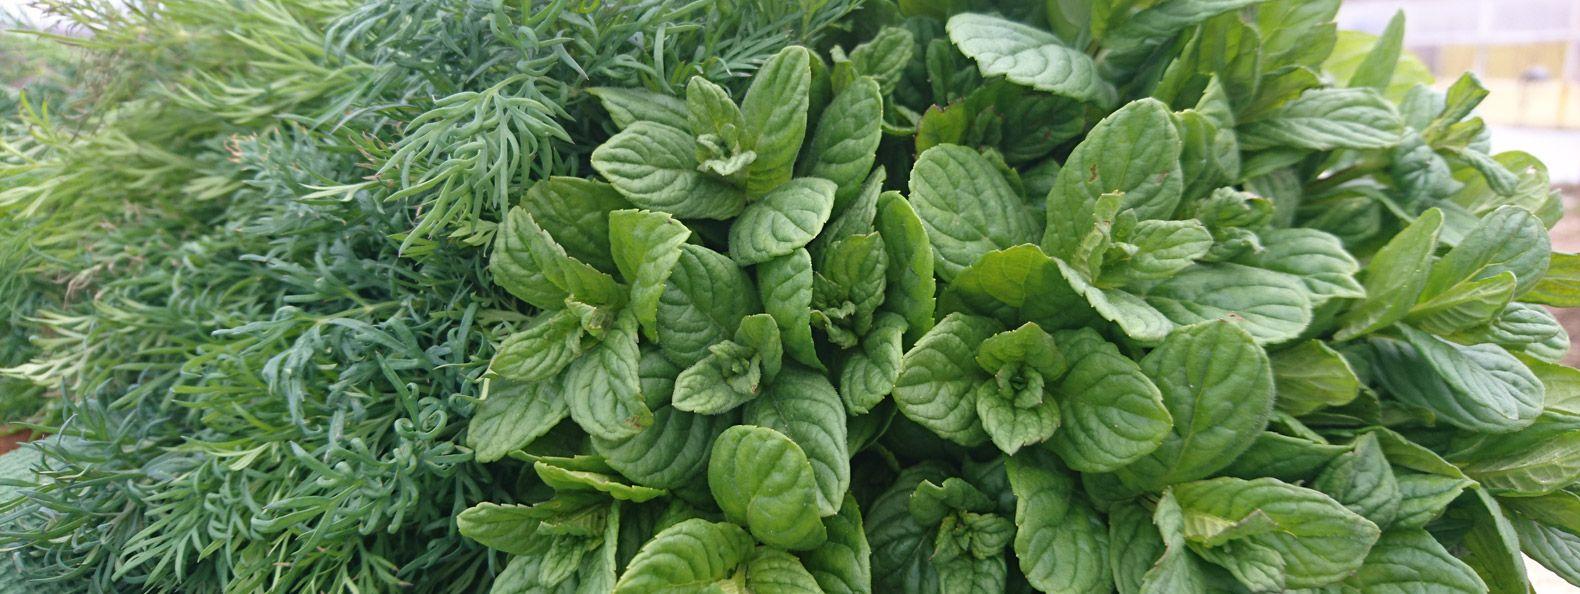 Biyodinamik Organik Tarım: En eski ve en çevreci sürdürülebilir tarım yöntemidir.